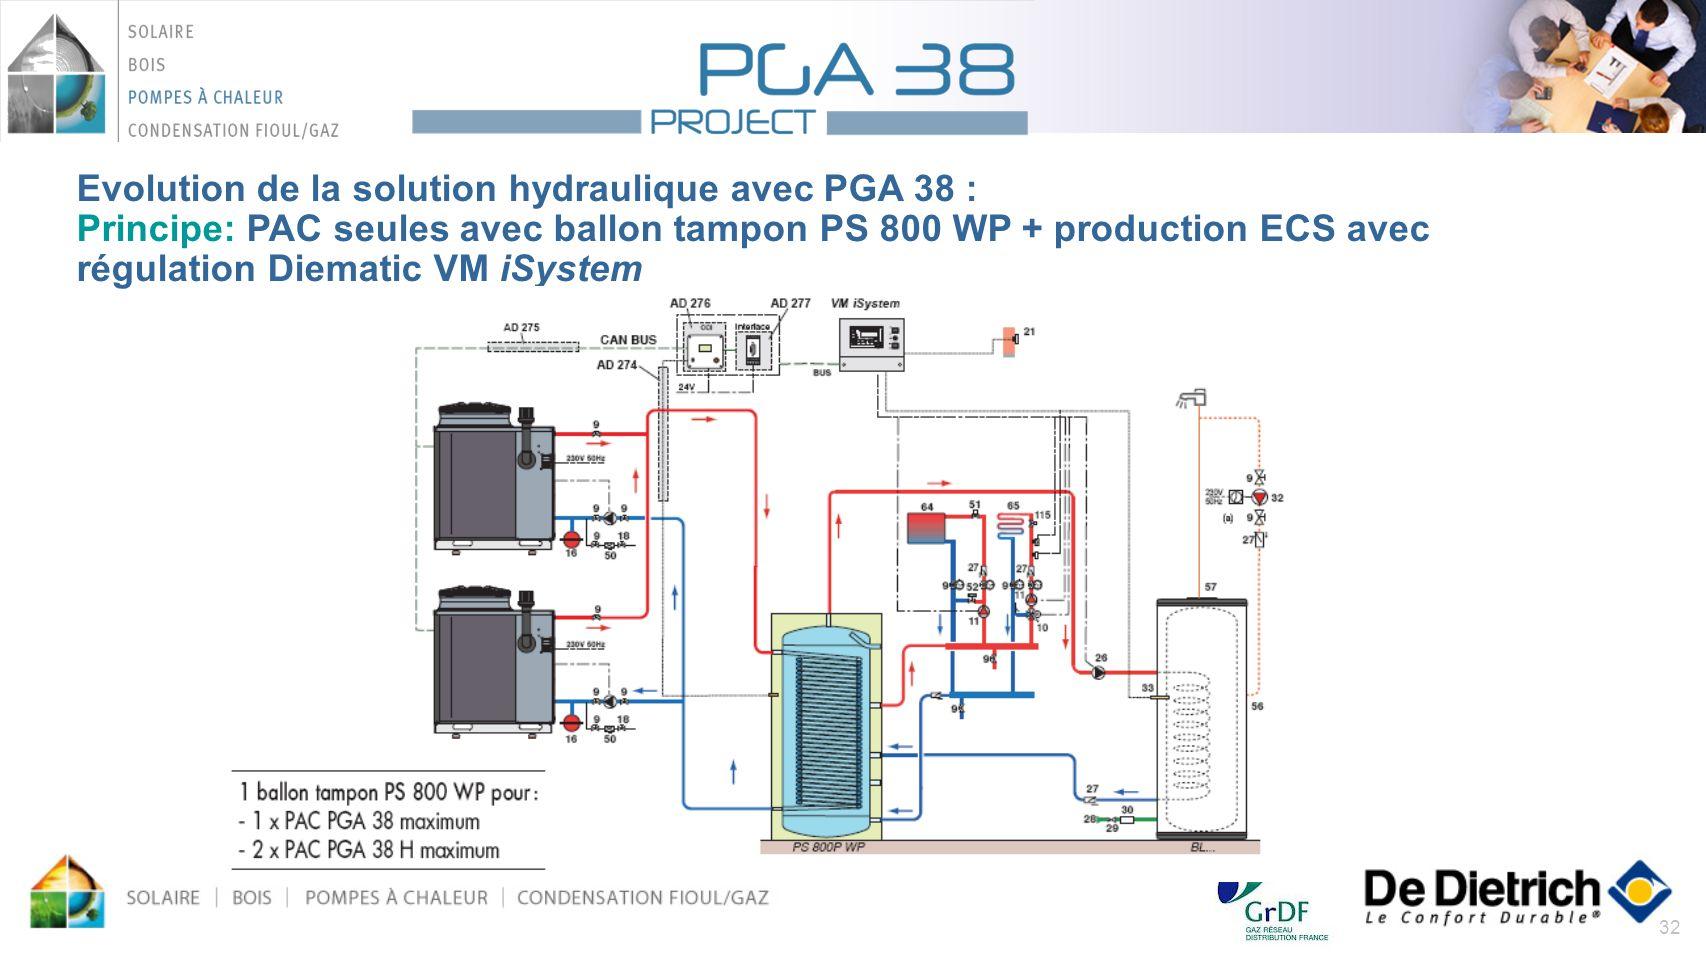 32 Evolution de la solution hydraulique avec PGA 38 : Principe: PAC seules avec ballon tampon PS 800 WP + production ECS avec régulation Diematic VM i